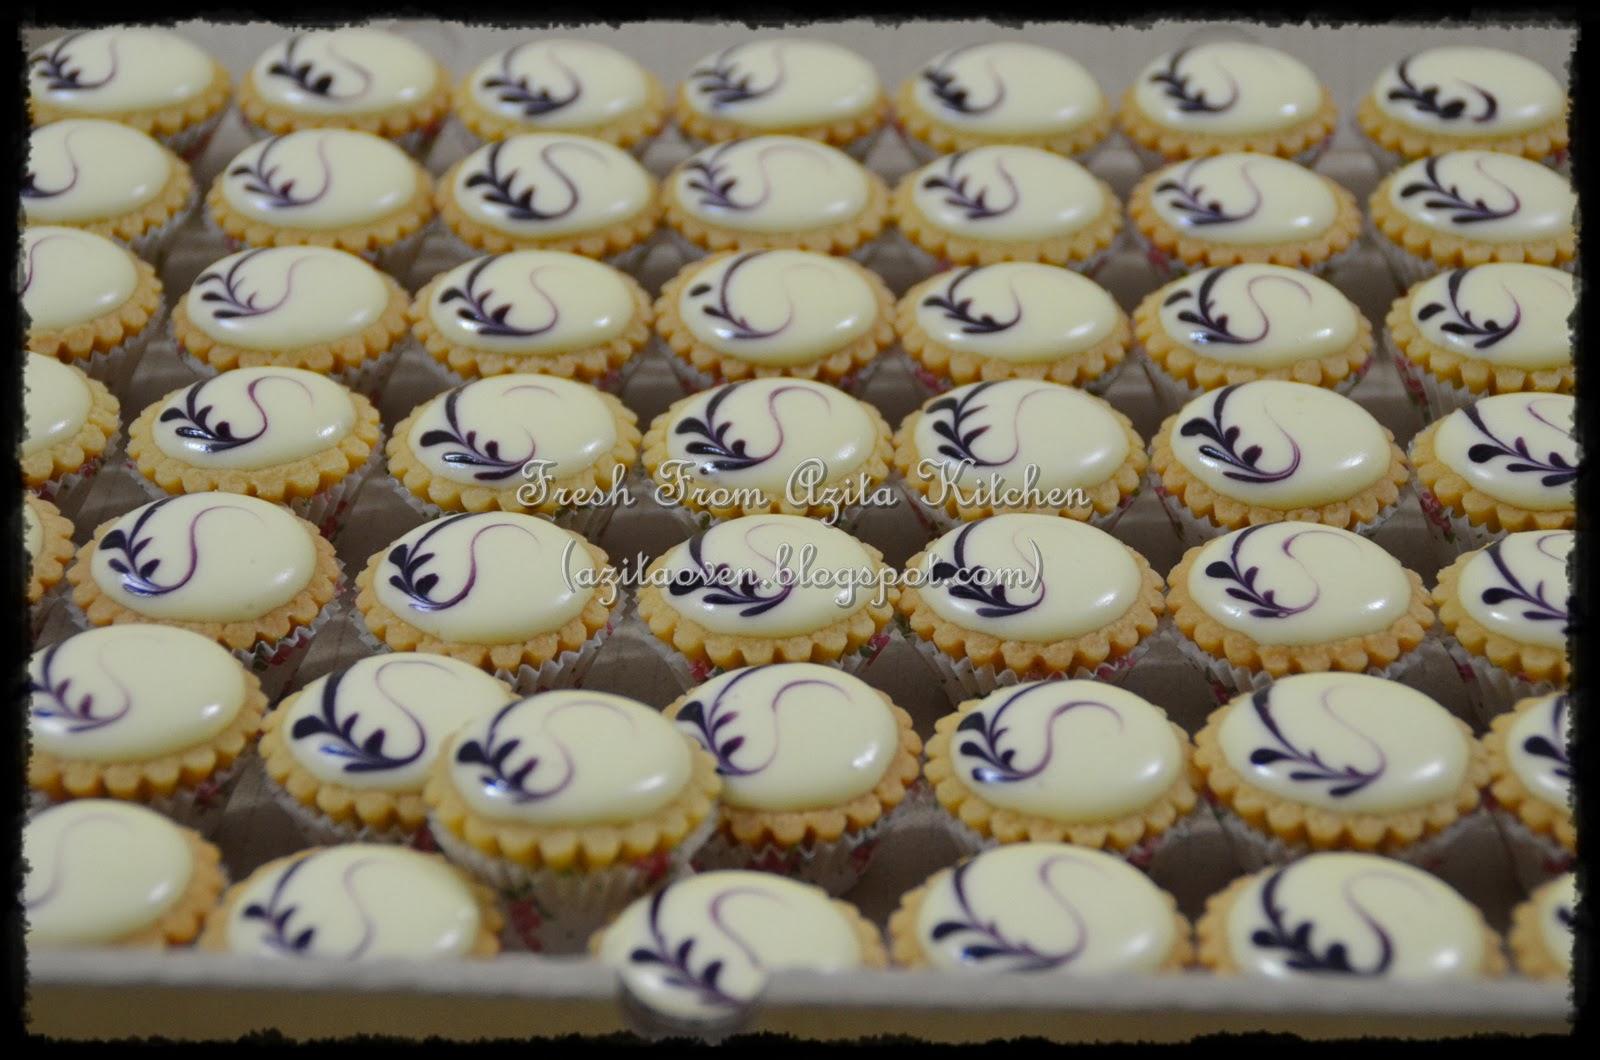 Blueberry Cheese Tart Tempahan Daripada Shidah